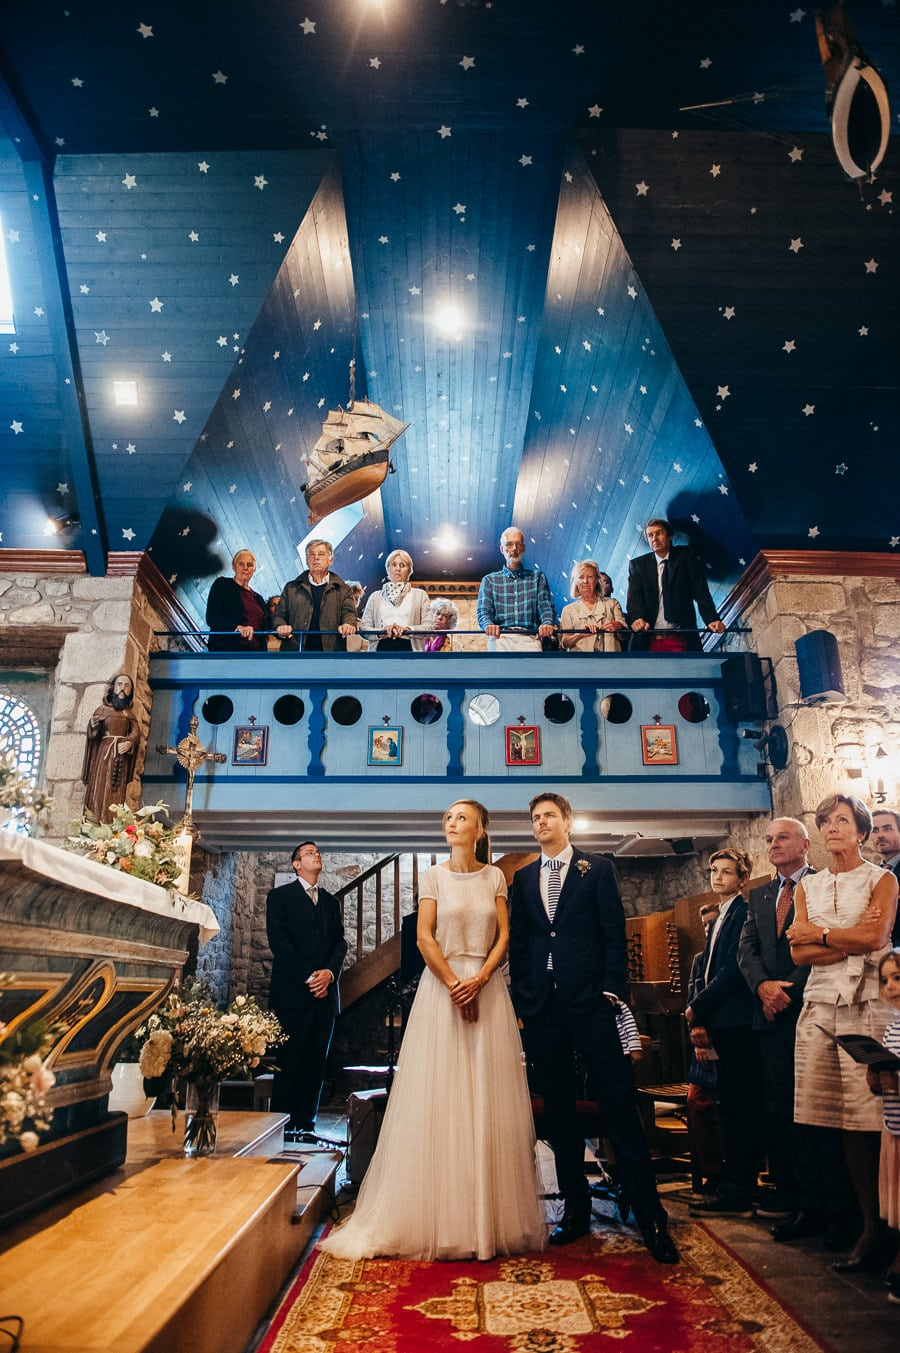 Mariage Belge en Bretagne mariage-belge-dans-le-morbihan-stephane-leludec-photographe-23